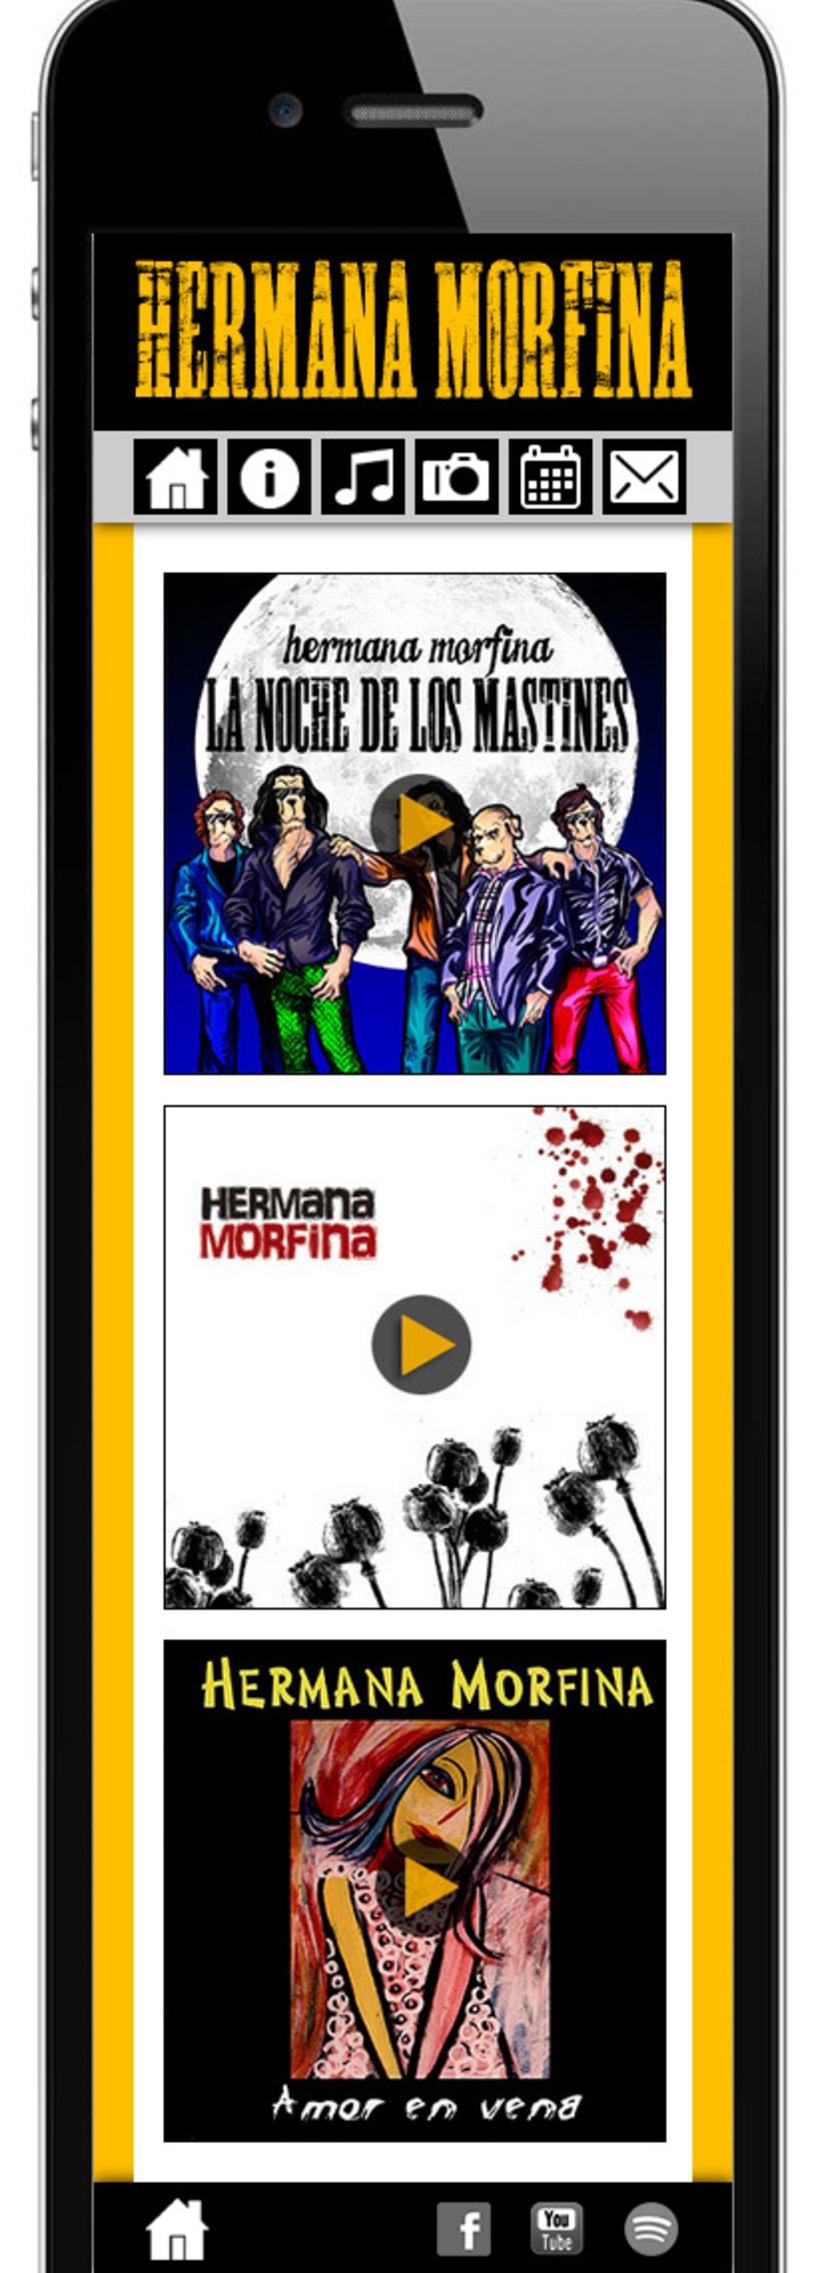 hermanamorfina.com (versión para dispositivos móviles) 1